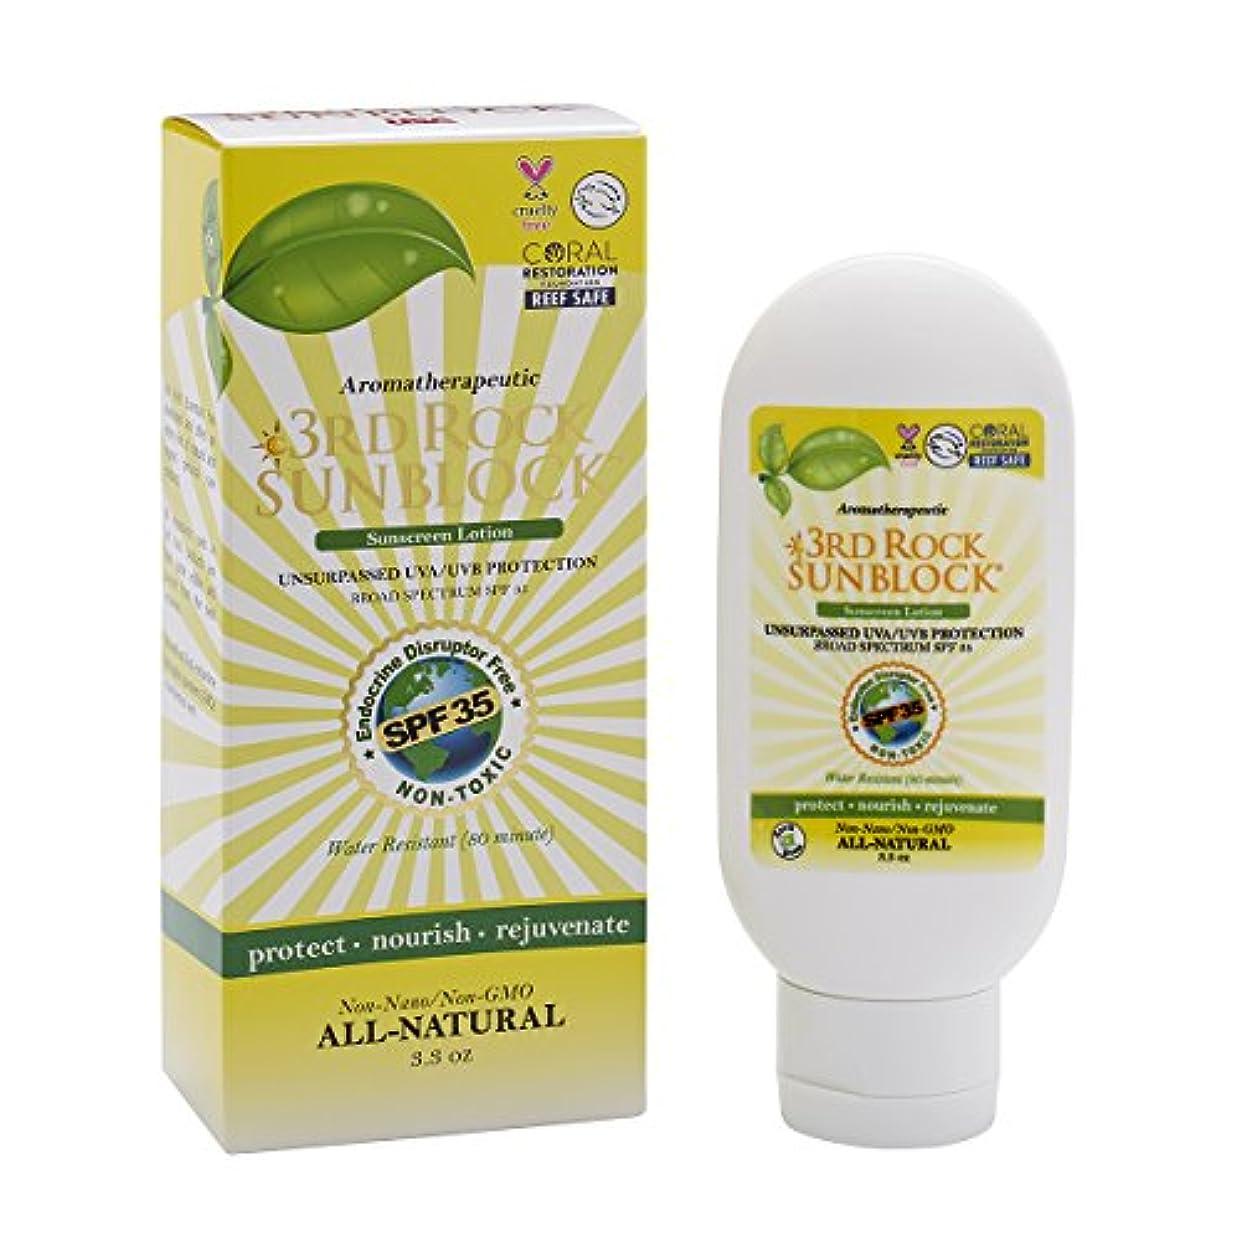 放映サーキットに行くコンパス3rd Rock Sunblock?つ? Sunscreen - SPF 35+ / 100% Toxin Free Natural Organic Hypoallergenic Sunscreen Lotion with...